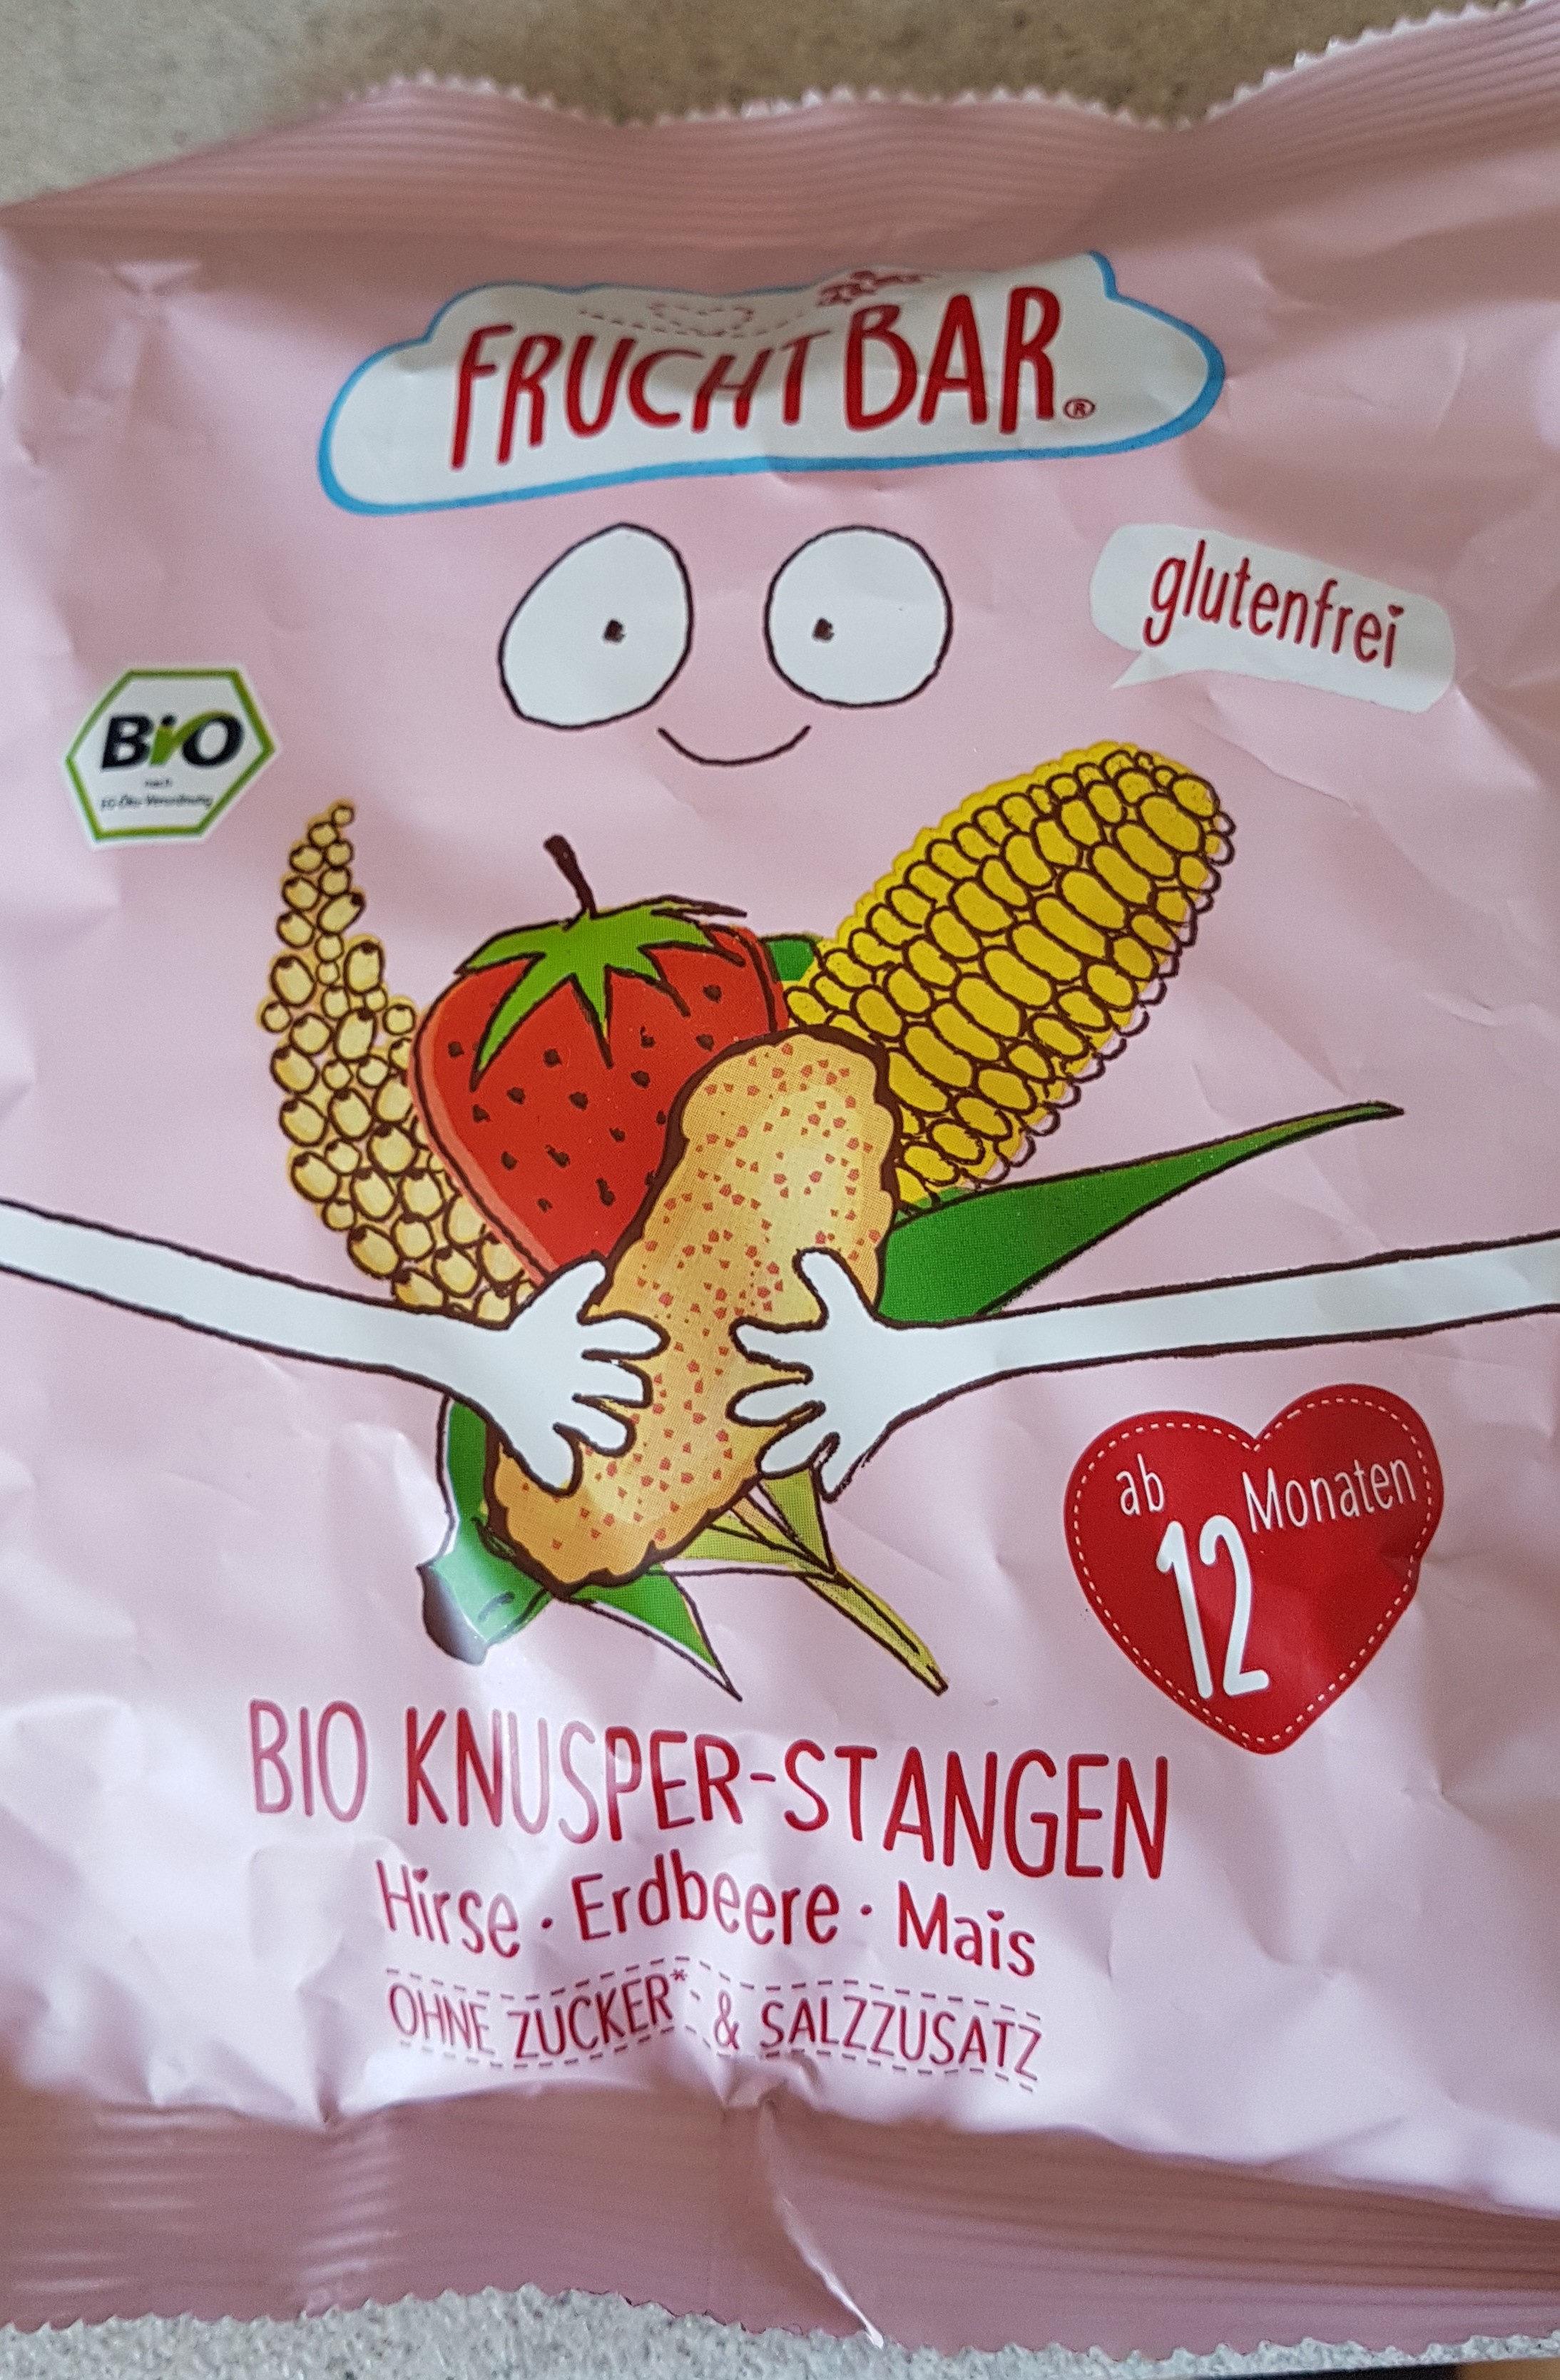 Bio-Knusper-Stangen Hirse-Erdbeere-Mais - Product - de